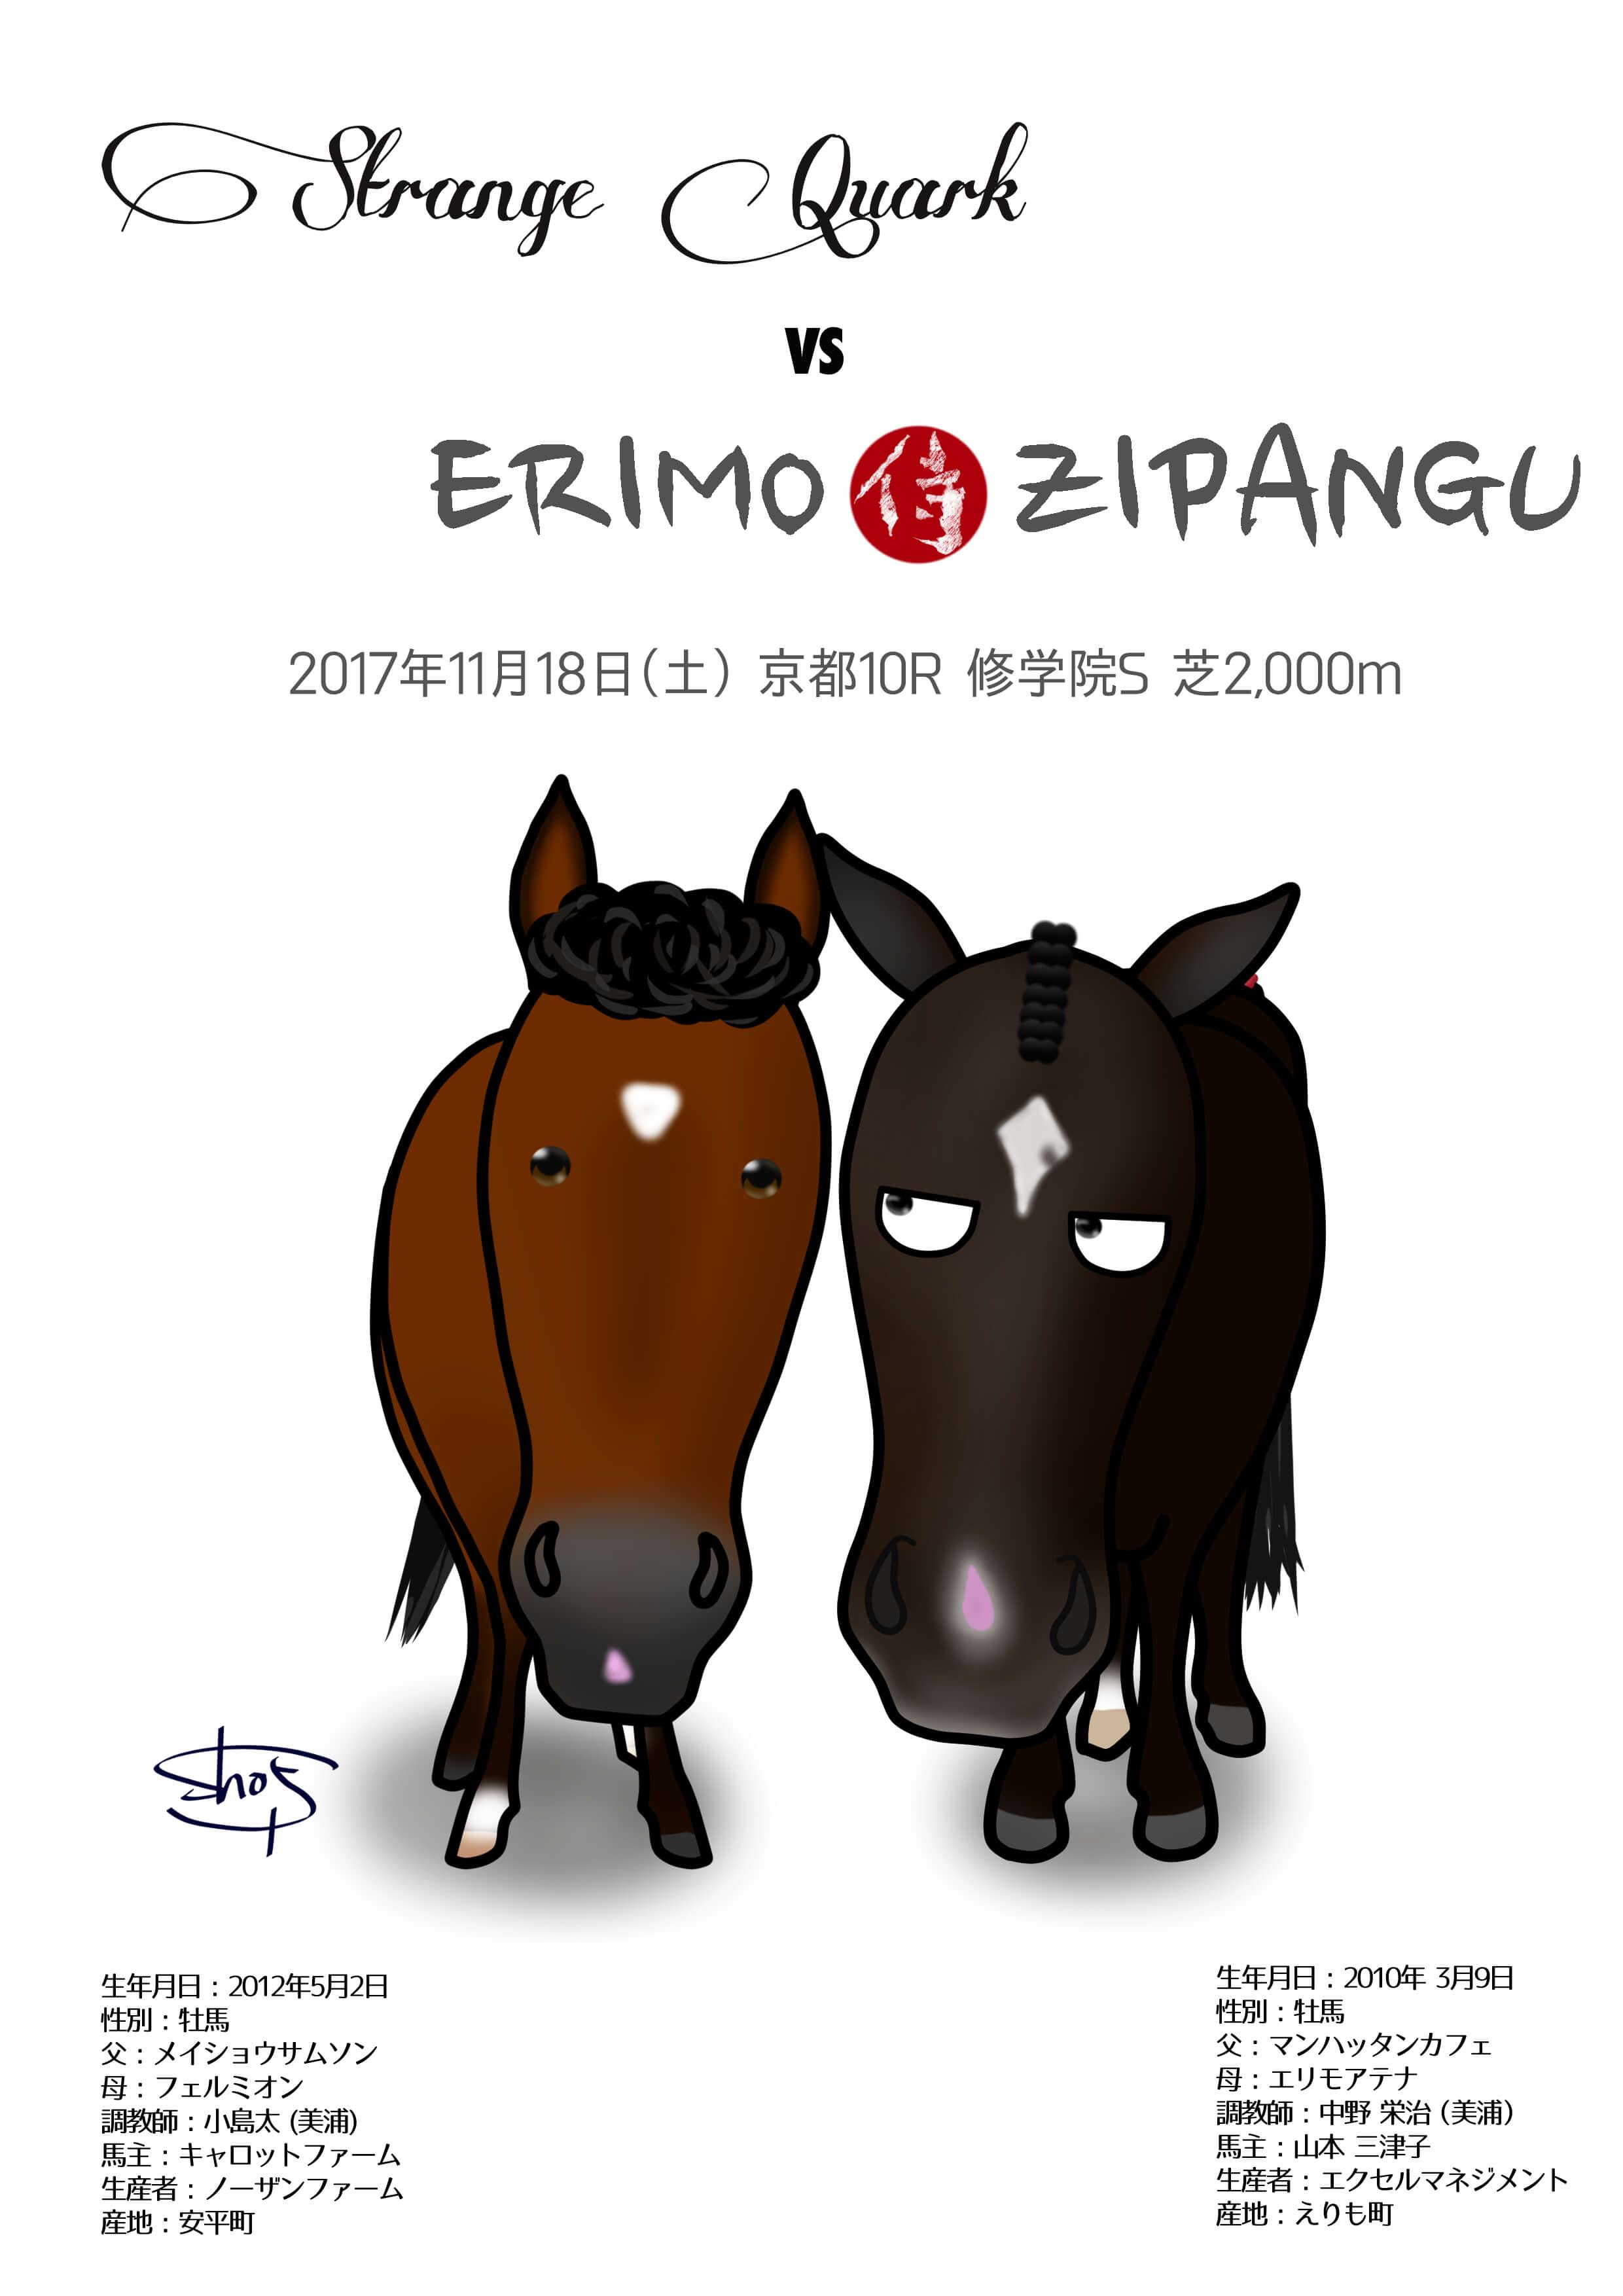 エリモ&ストレンジ